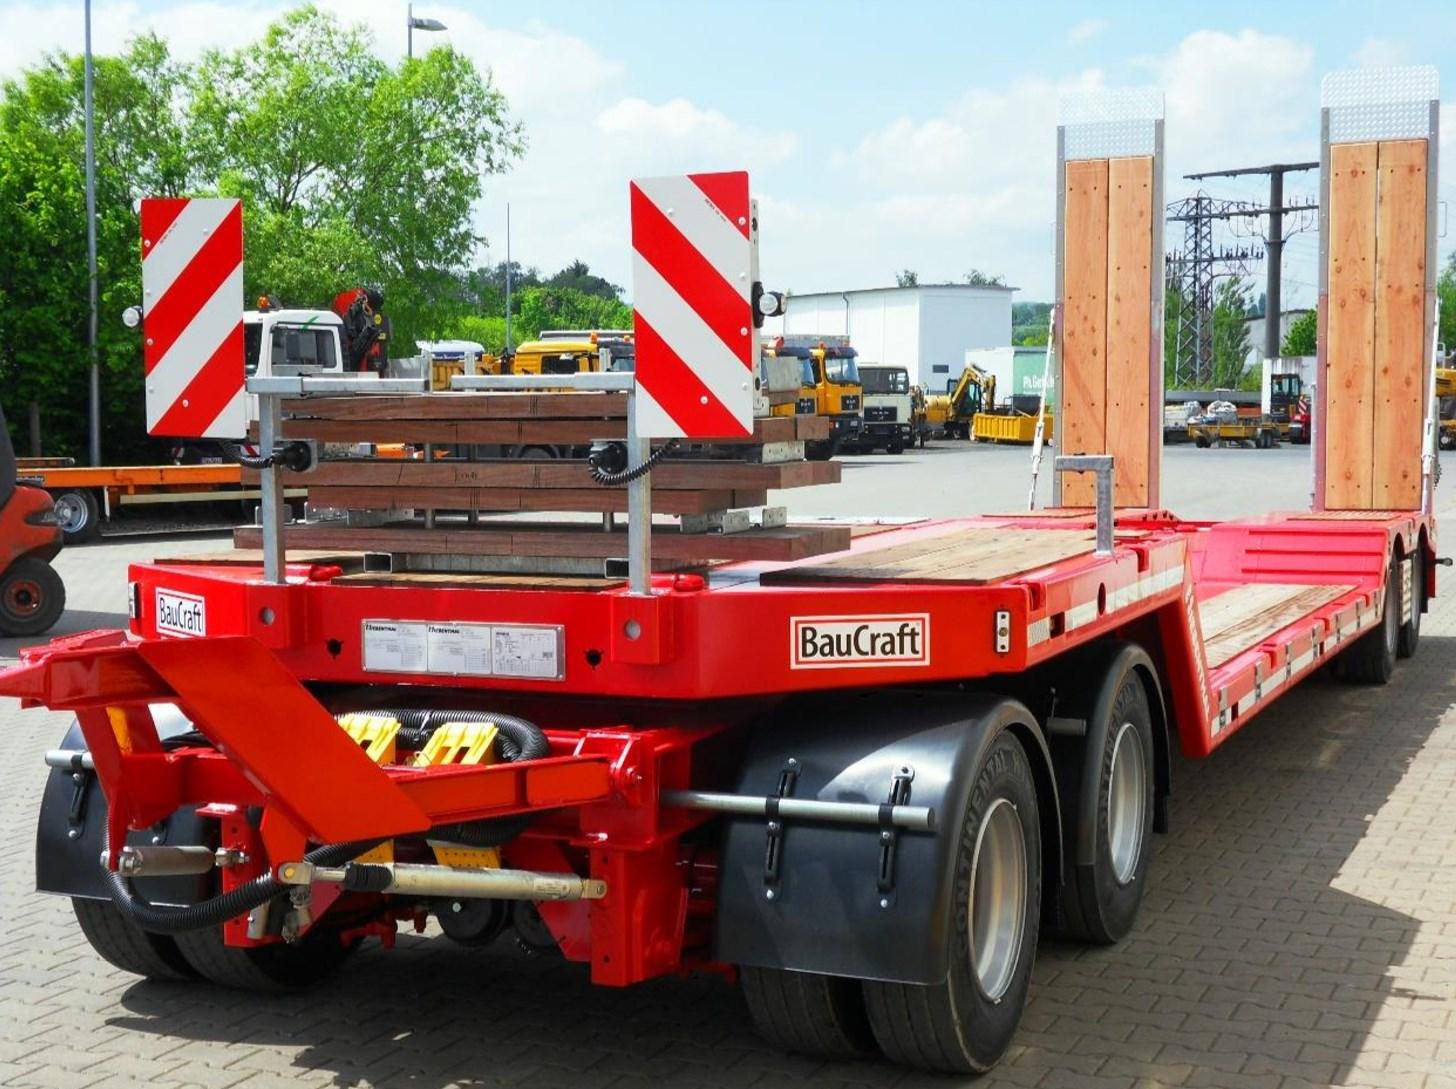 Bohlenmagazin_4-Achs-Tiefbett-Tiefladeanhaenger_TTAH-40-Baucraft.jpg